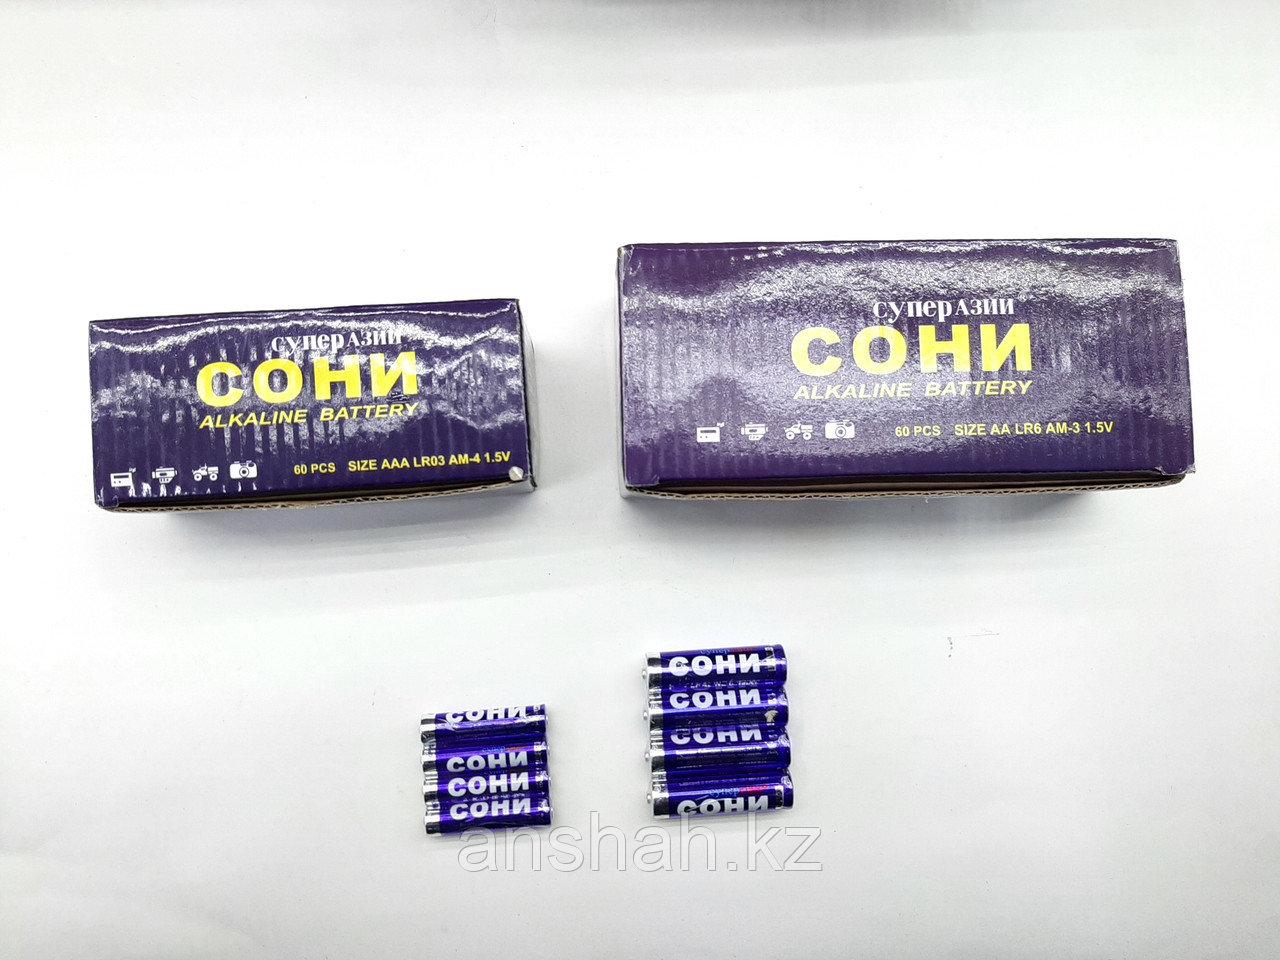 Батарейки Сони пальчиковые 60 шт. в пачке